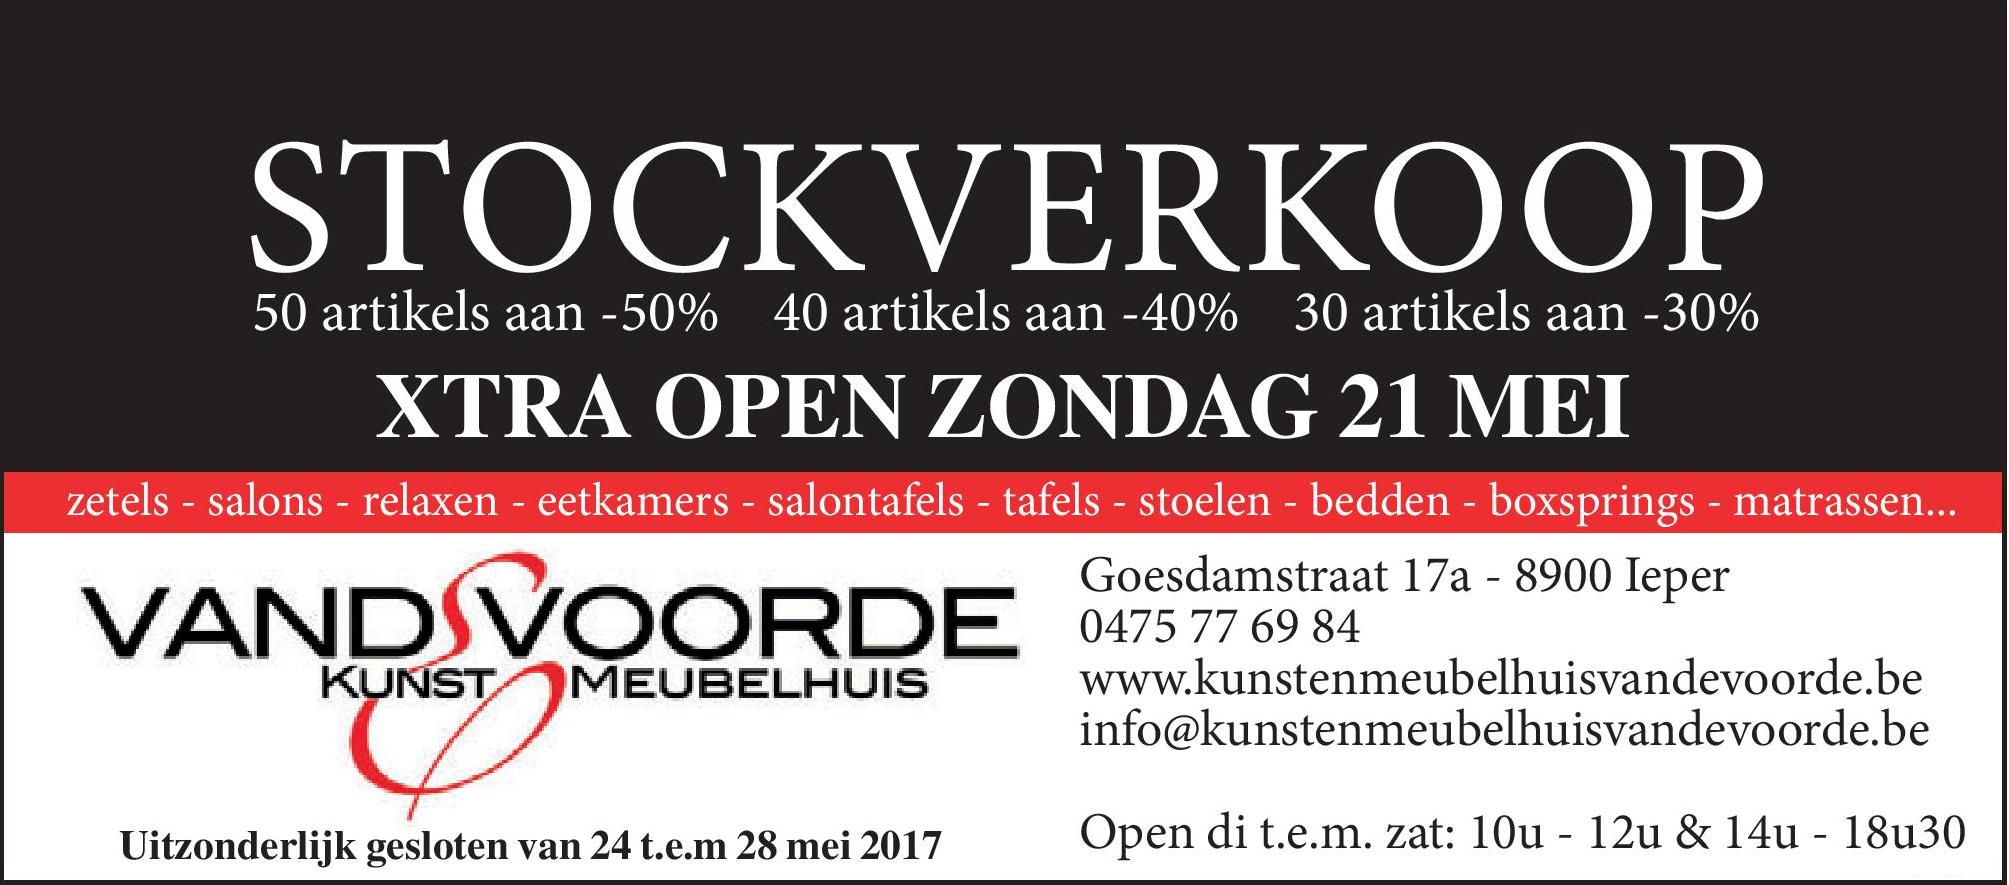 Stockverkoop in Meubelhuis Vandevoorde